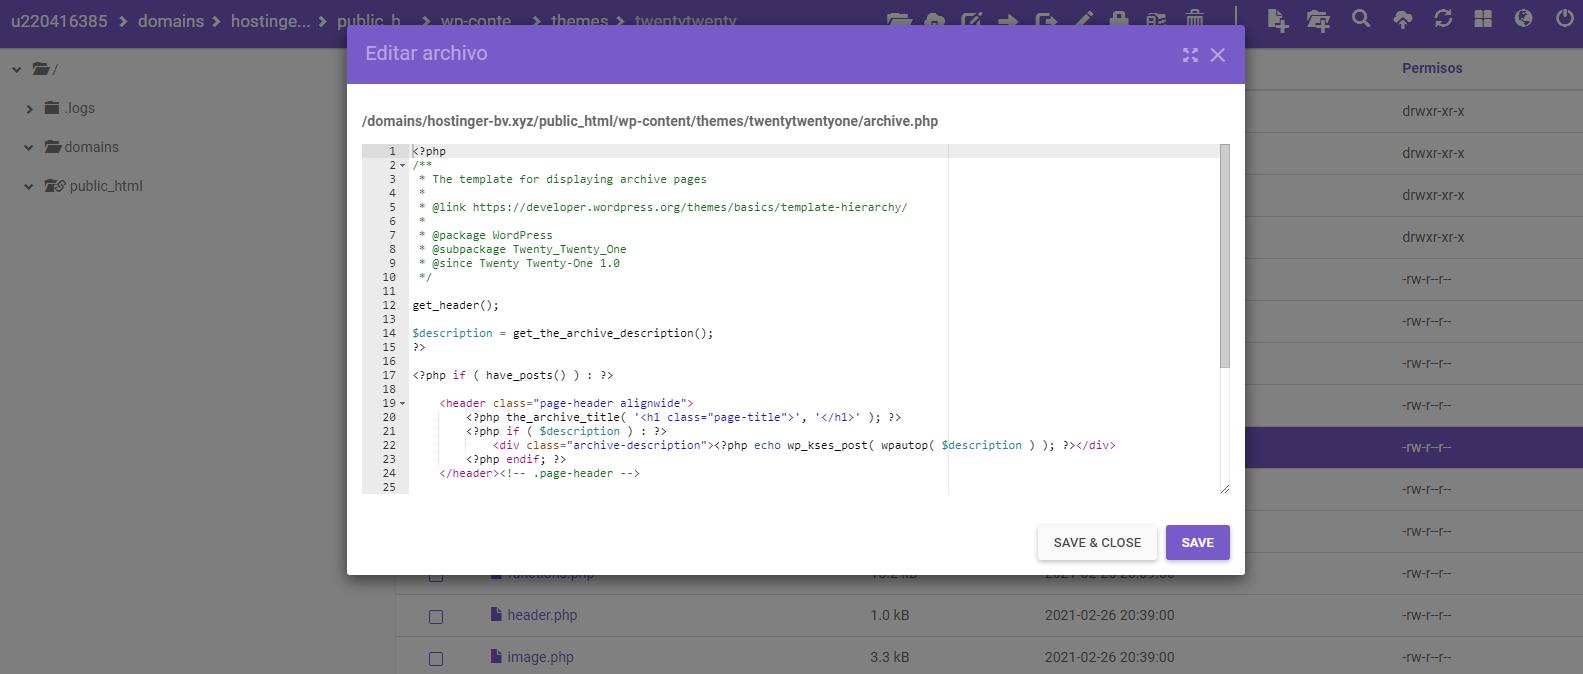 Editar plantilla de WordPress en el Administrador de archivos